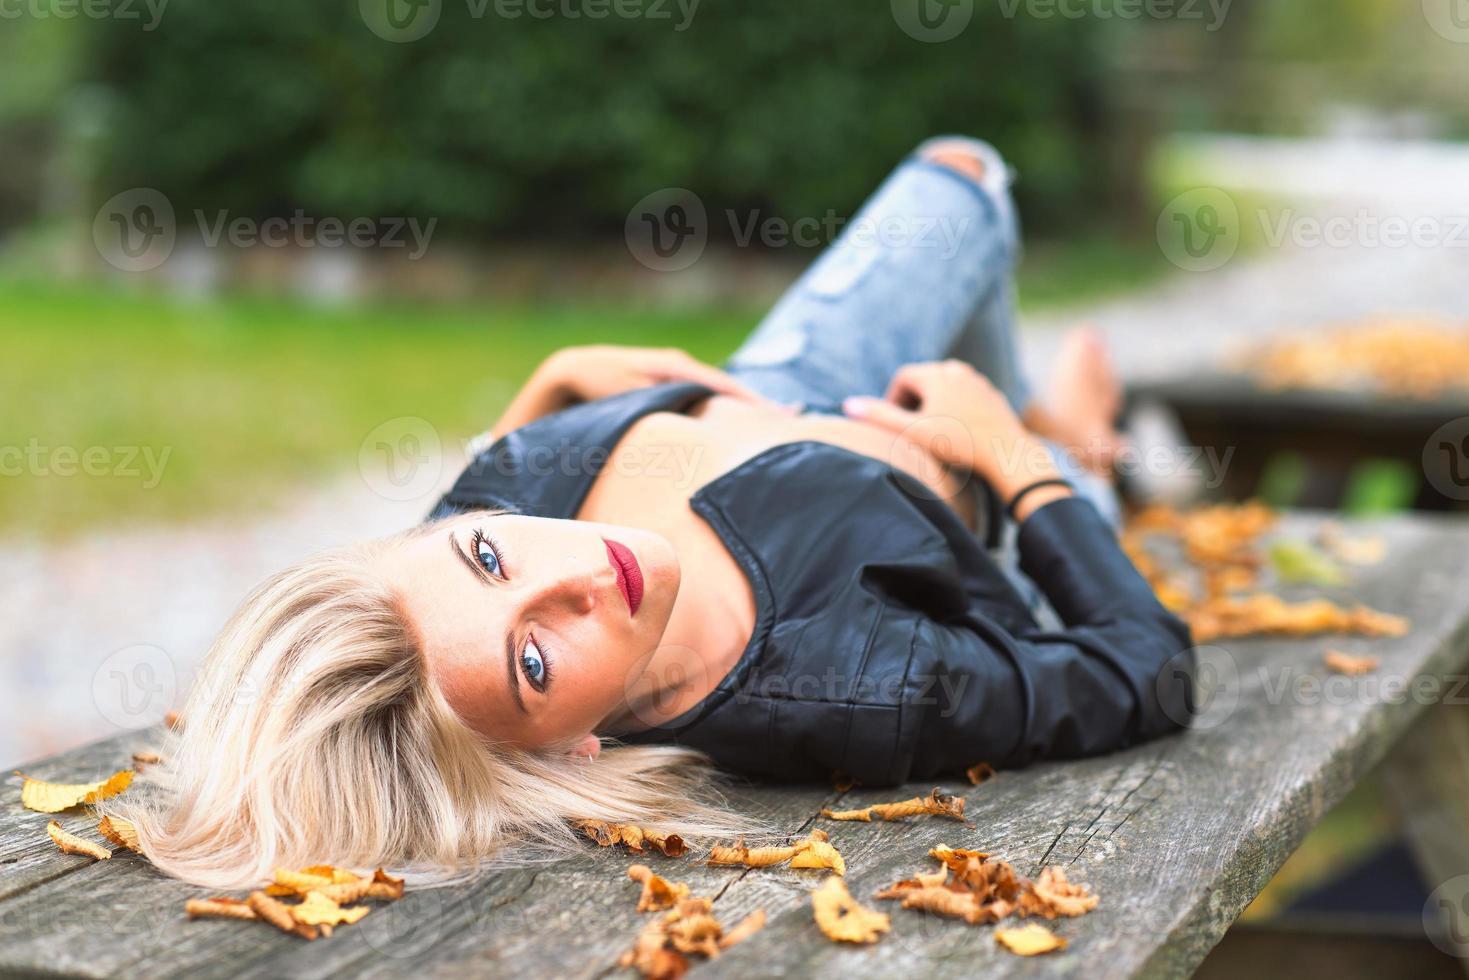 sexig blond naken flicka som ligger på en träbänk i höst foto